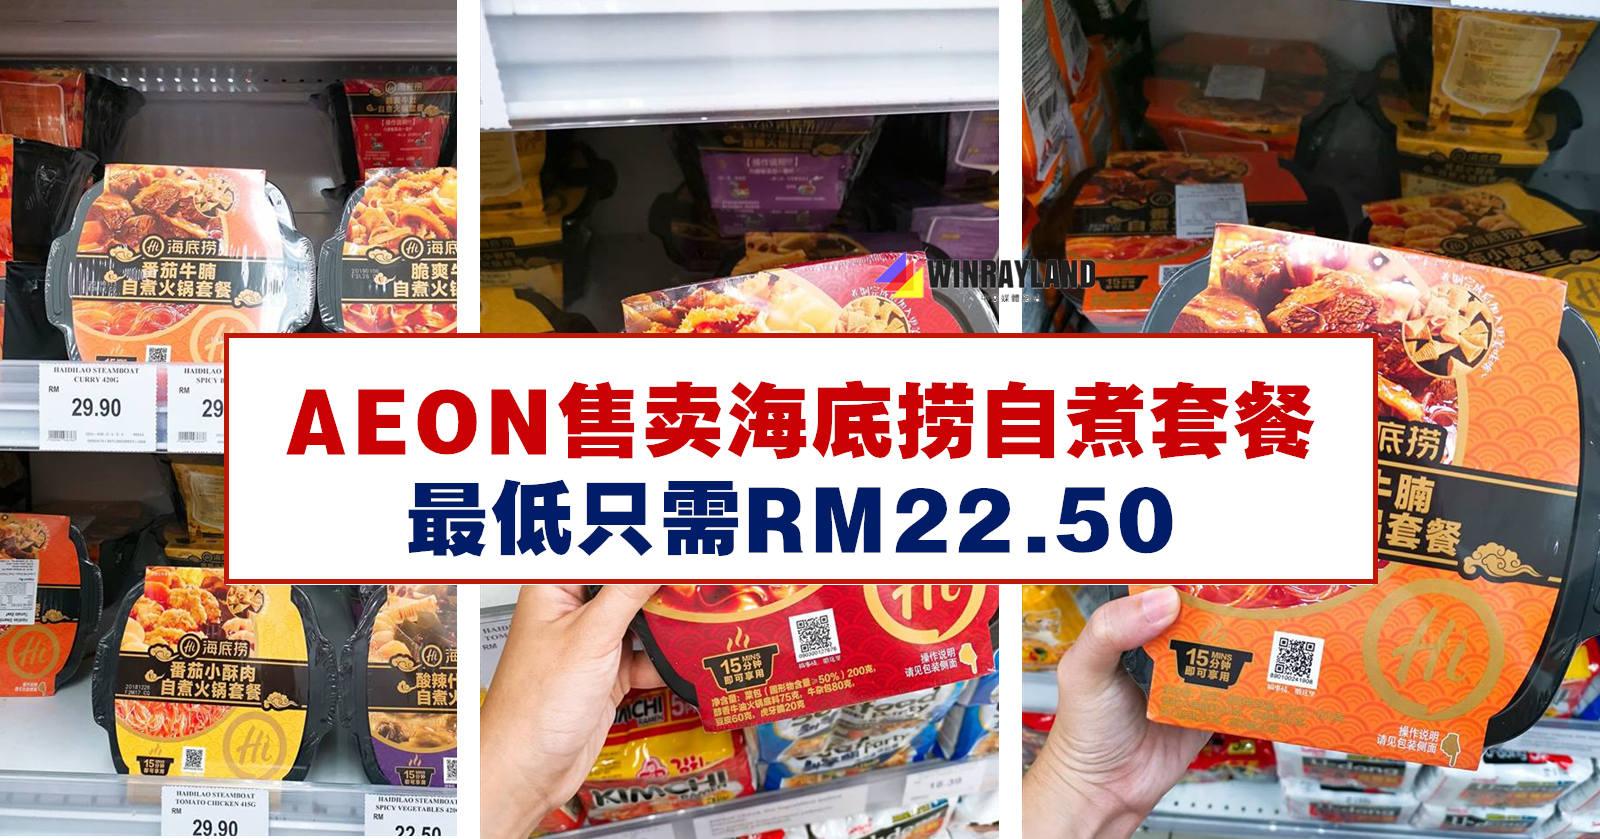 AEON售卖海底捞自煮火锅套餐,最低只需RM22.50